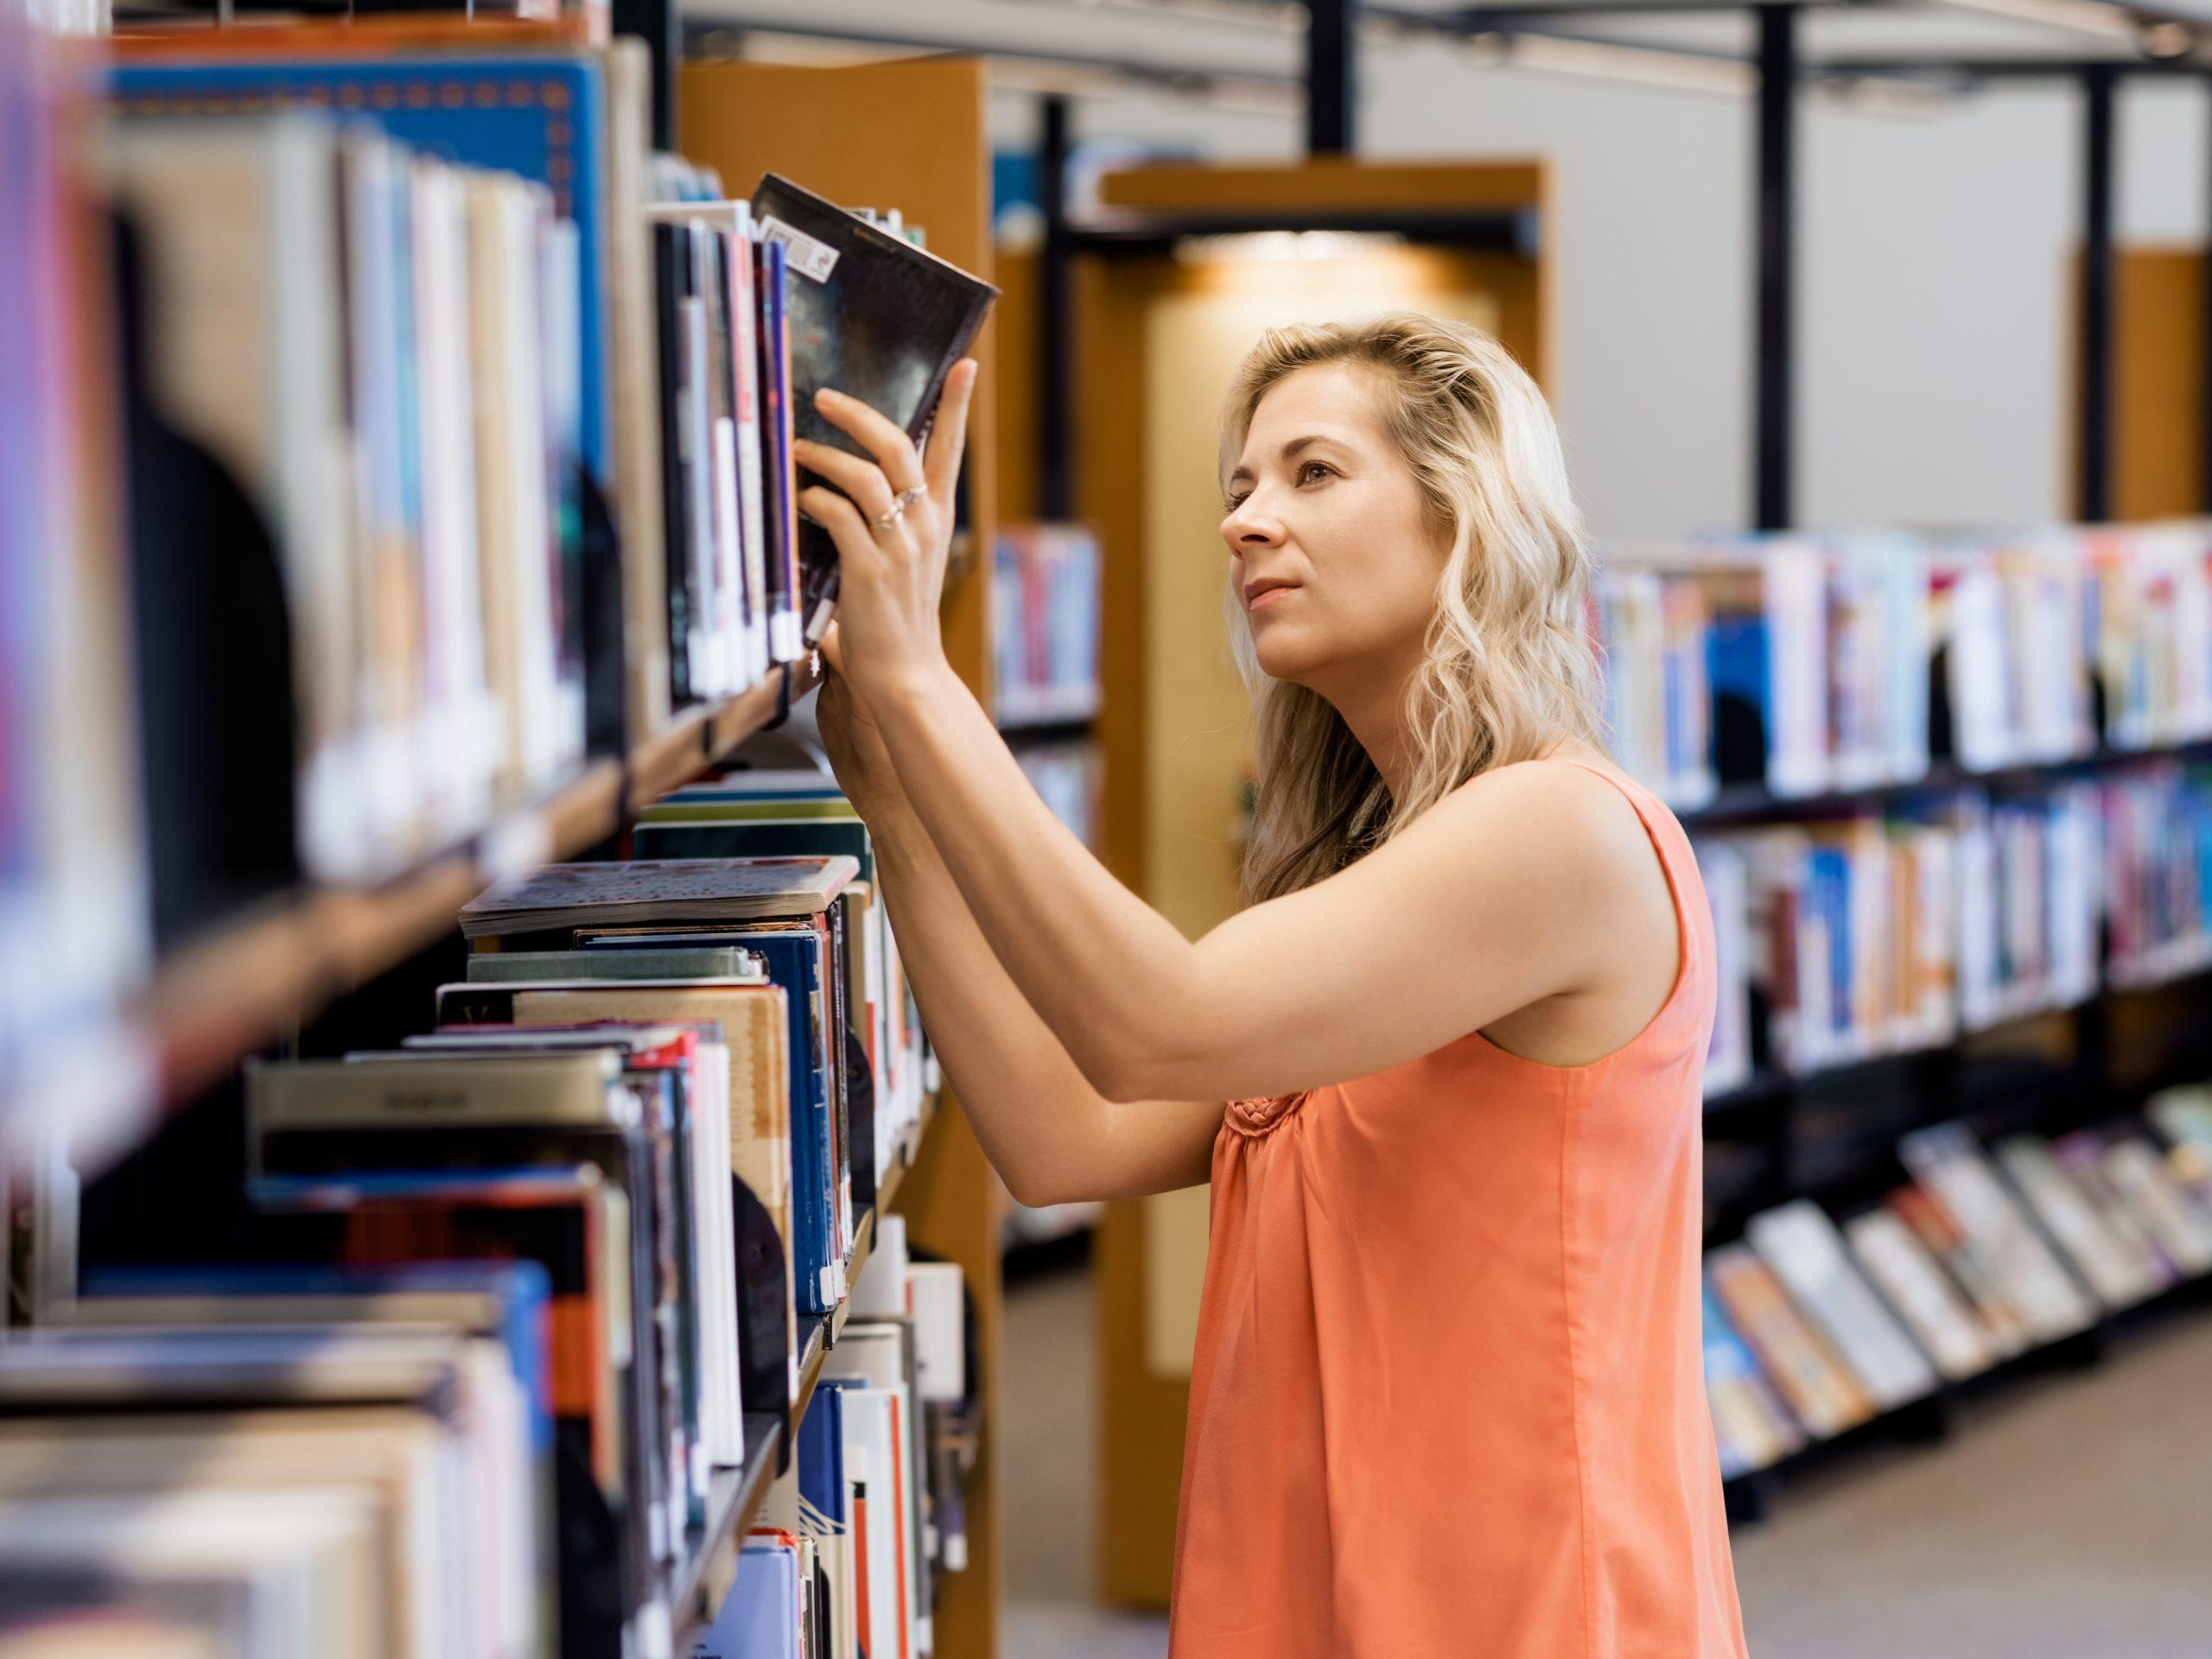 Biblioteka, knjige, knjiga, nabavka knjiga